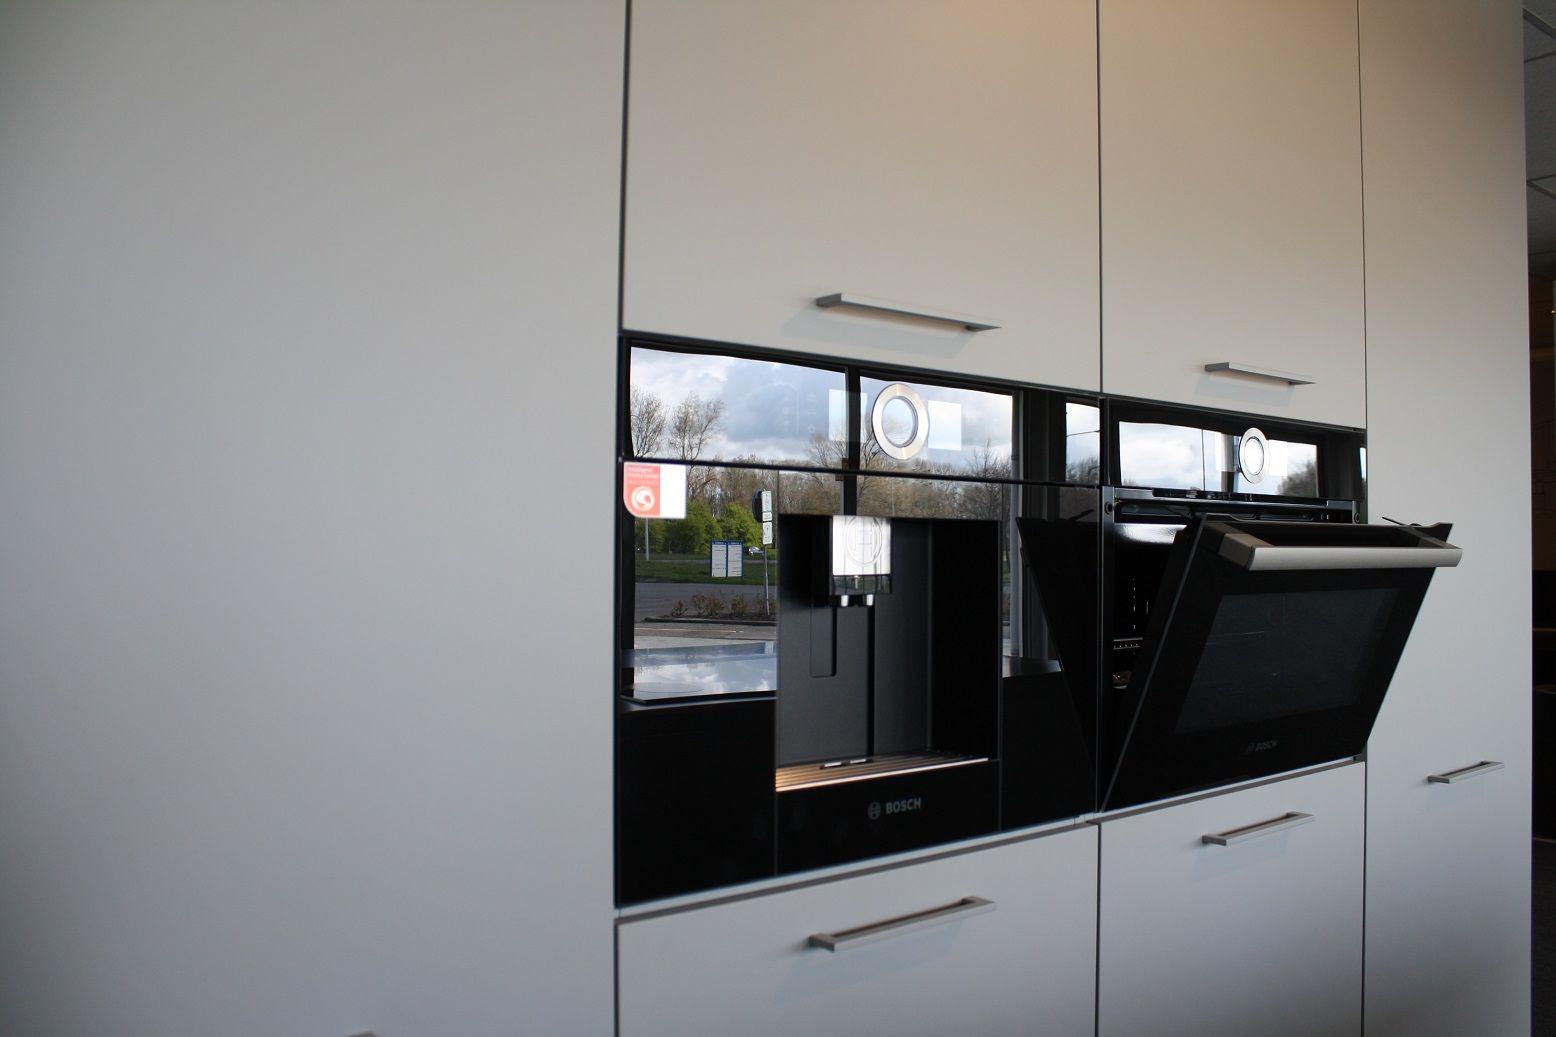 Keukens Den Bosch : Showroomkeukens alle showroomkeuken aanbiedingen uit nederland